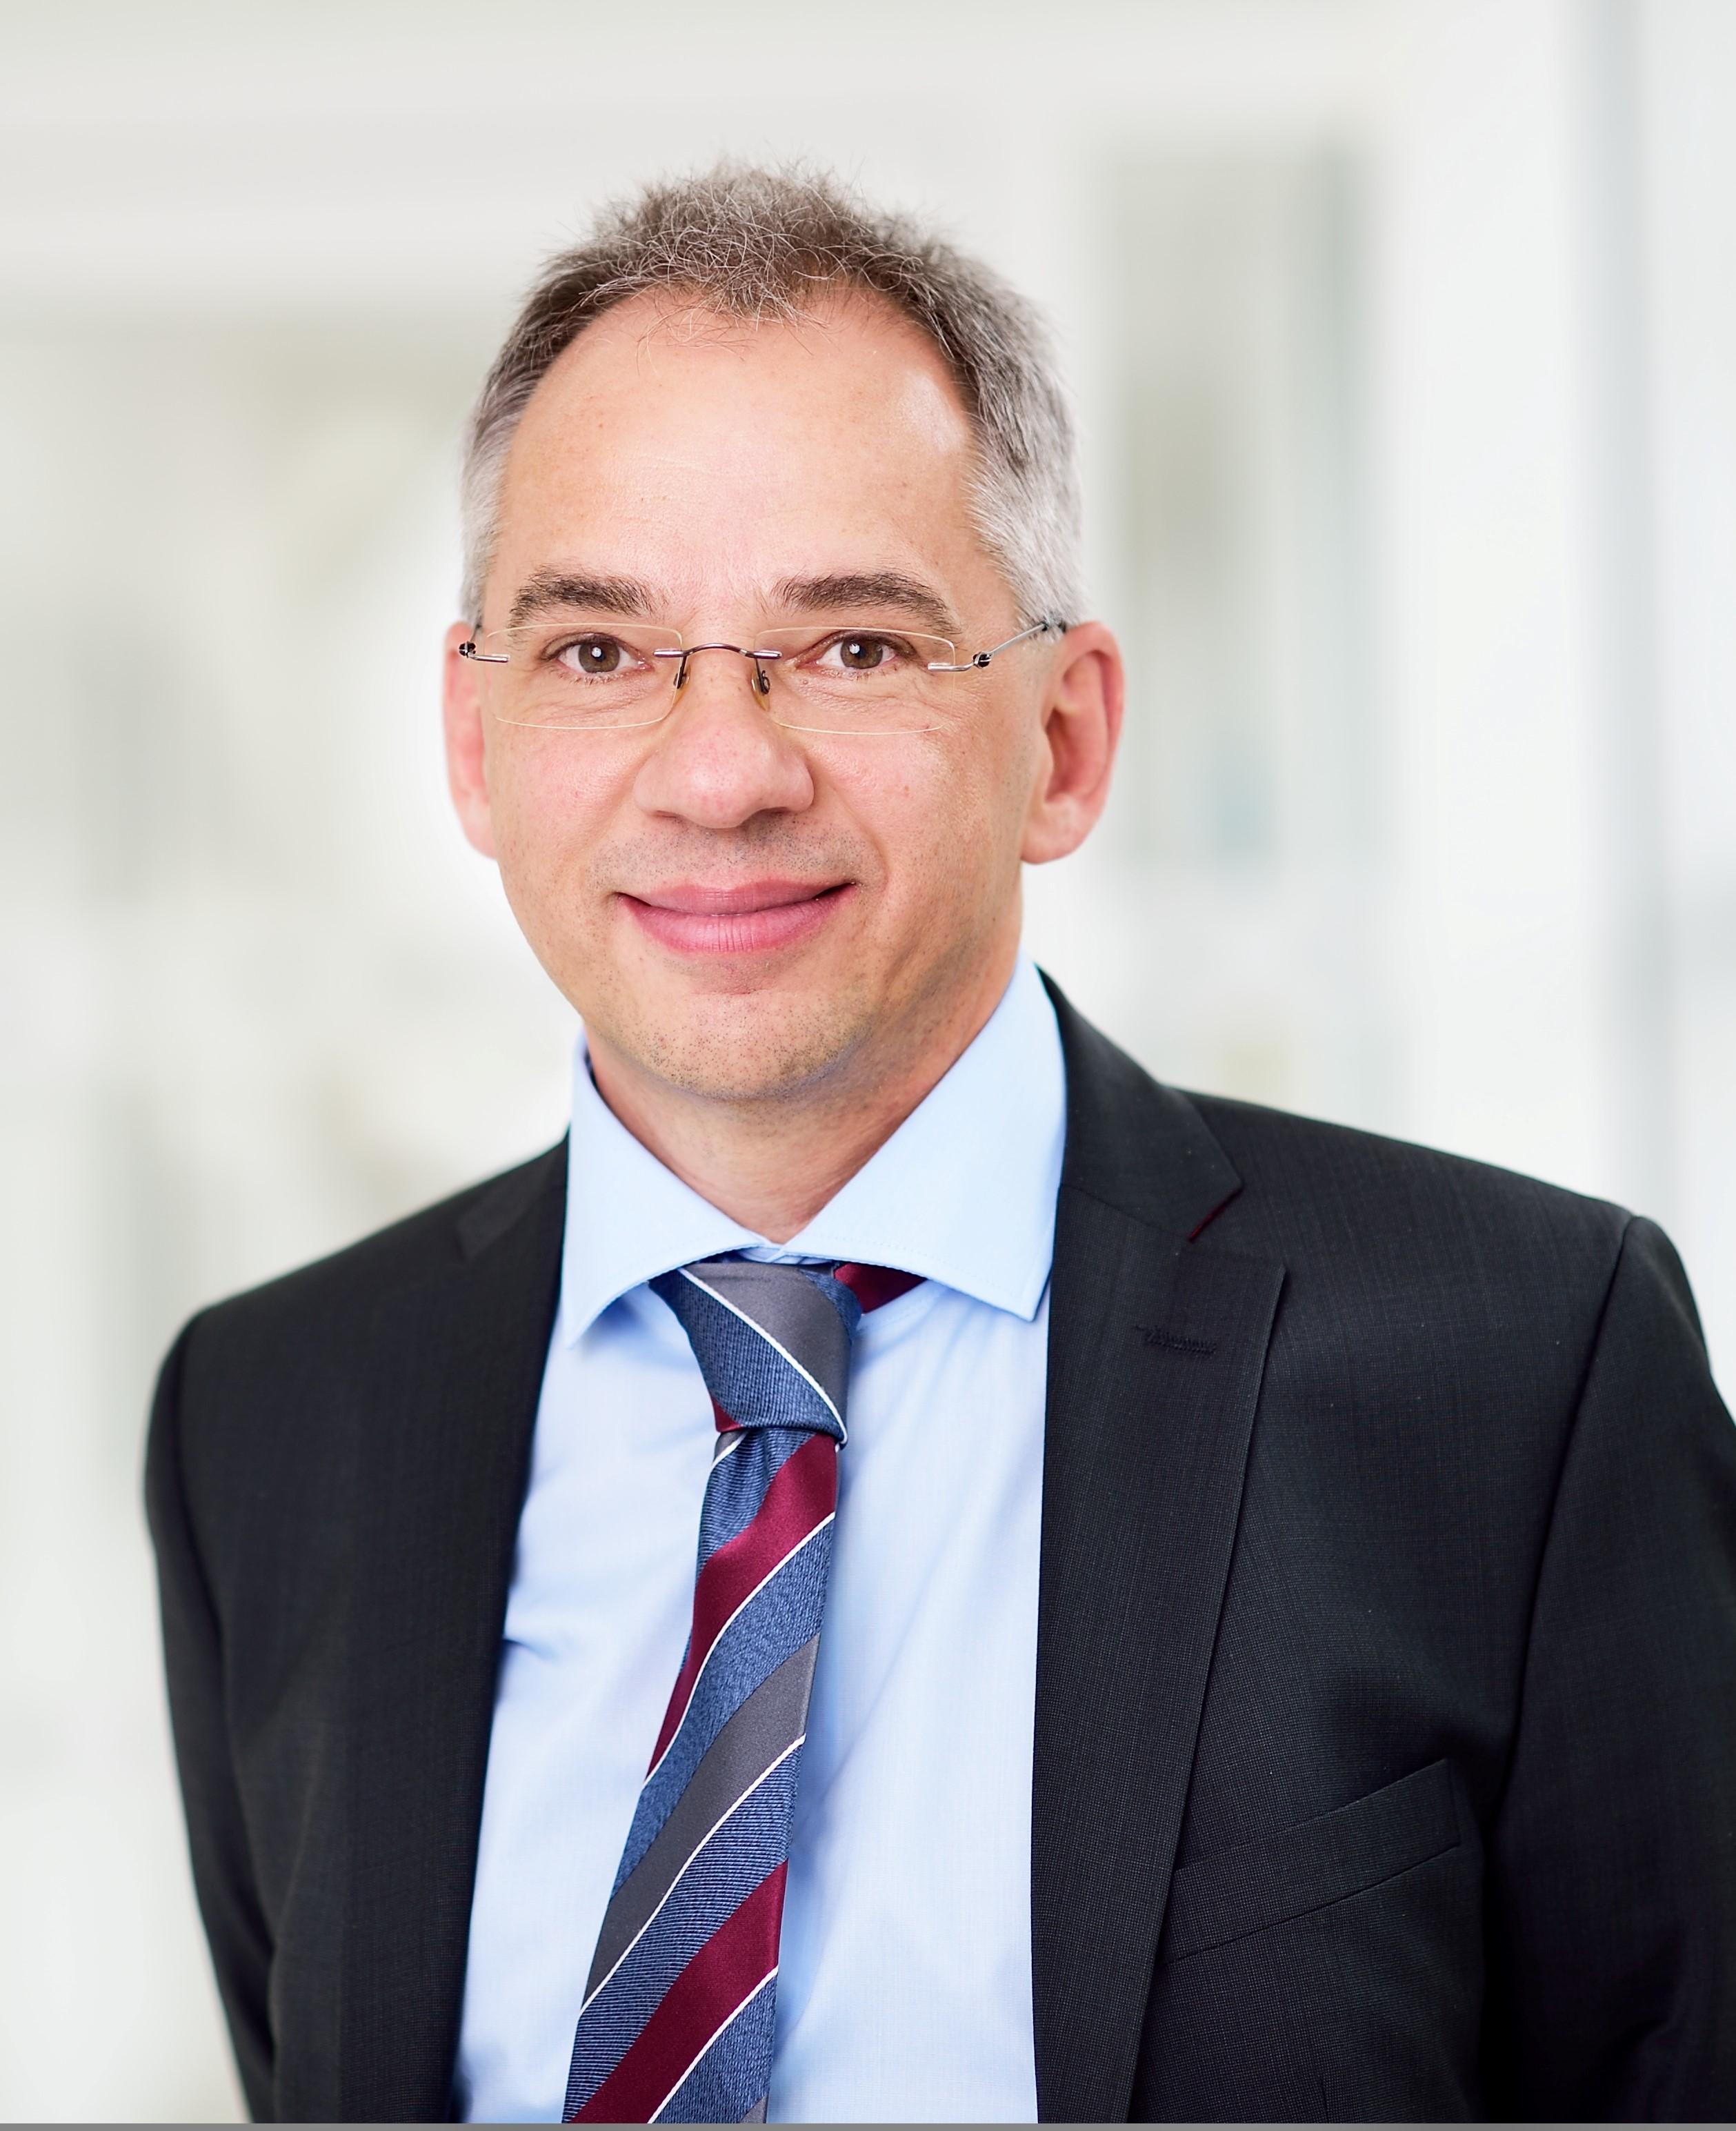 Mag.theol. Siegbert Hanak; Mitglied des wissenschaftlich-kulturellen Beirats von ISCO